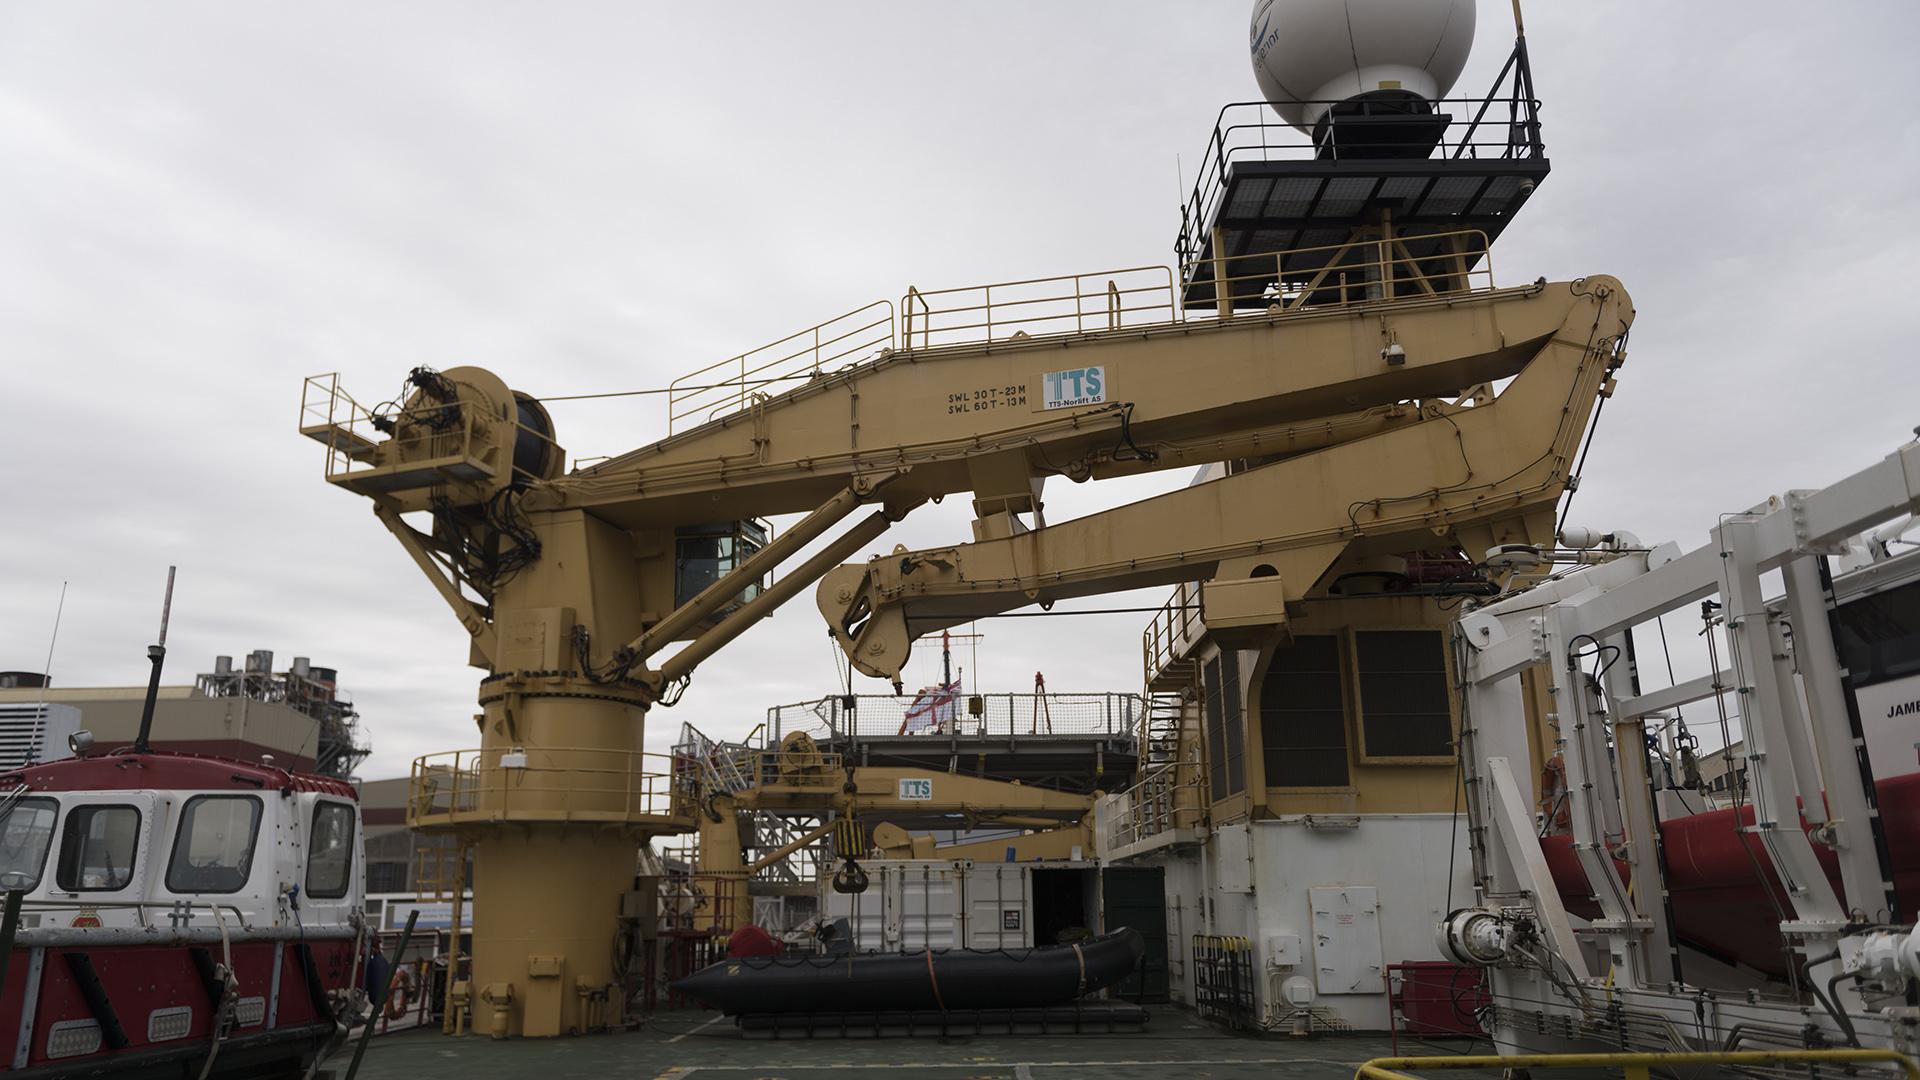 El buquetiene una eslora total de 89 metros y una manga máxima de 18 metros